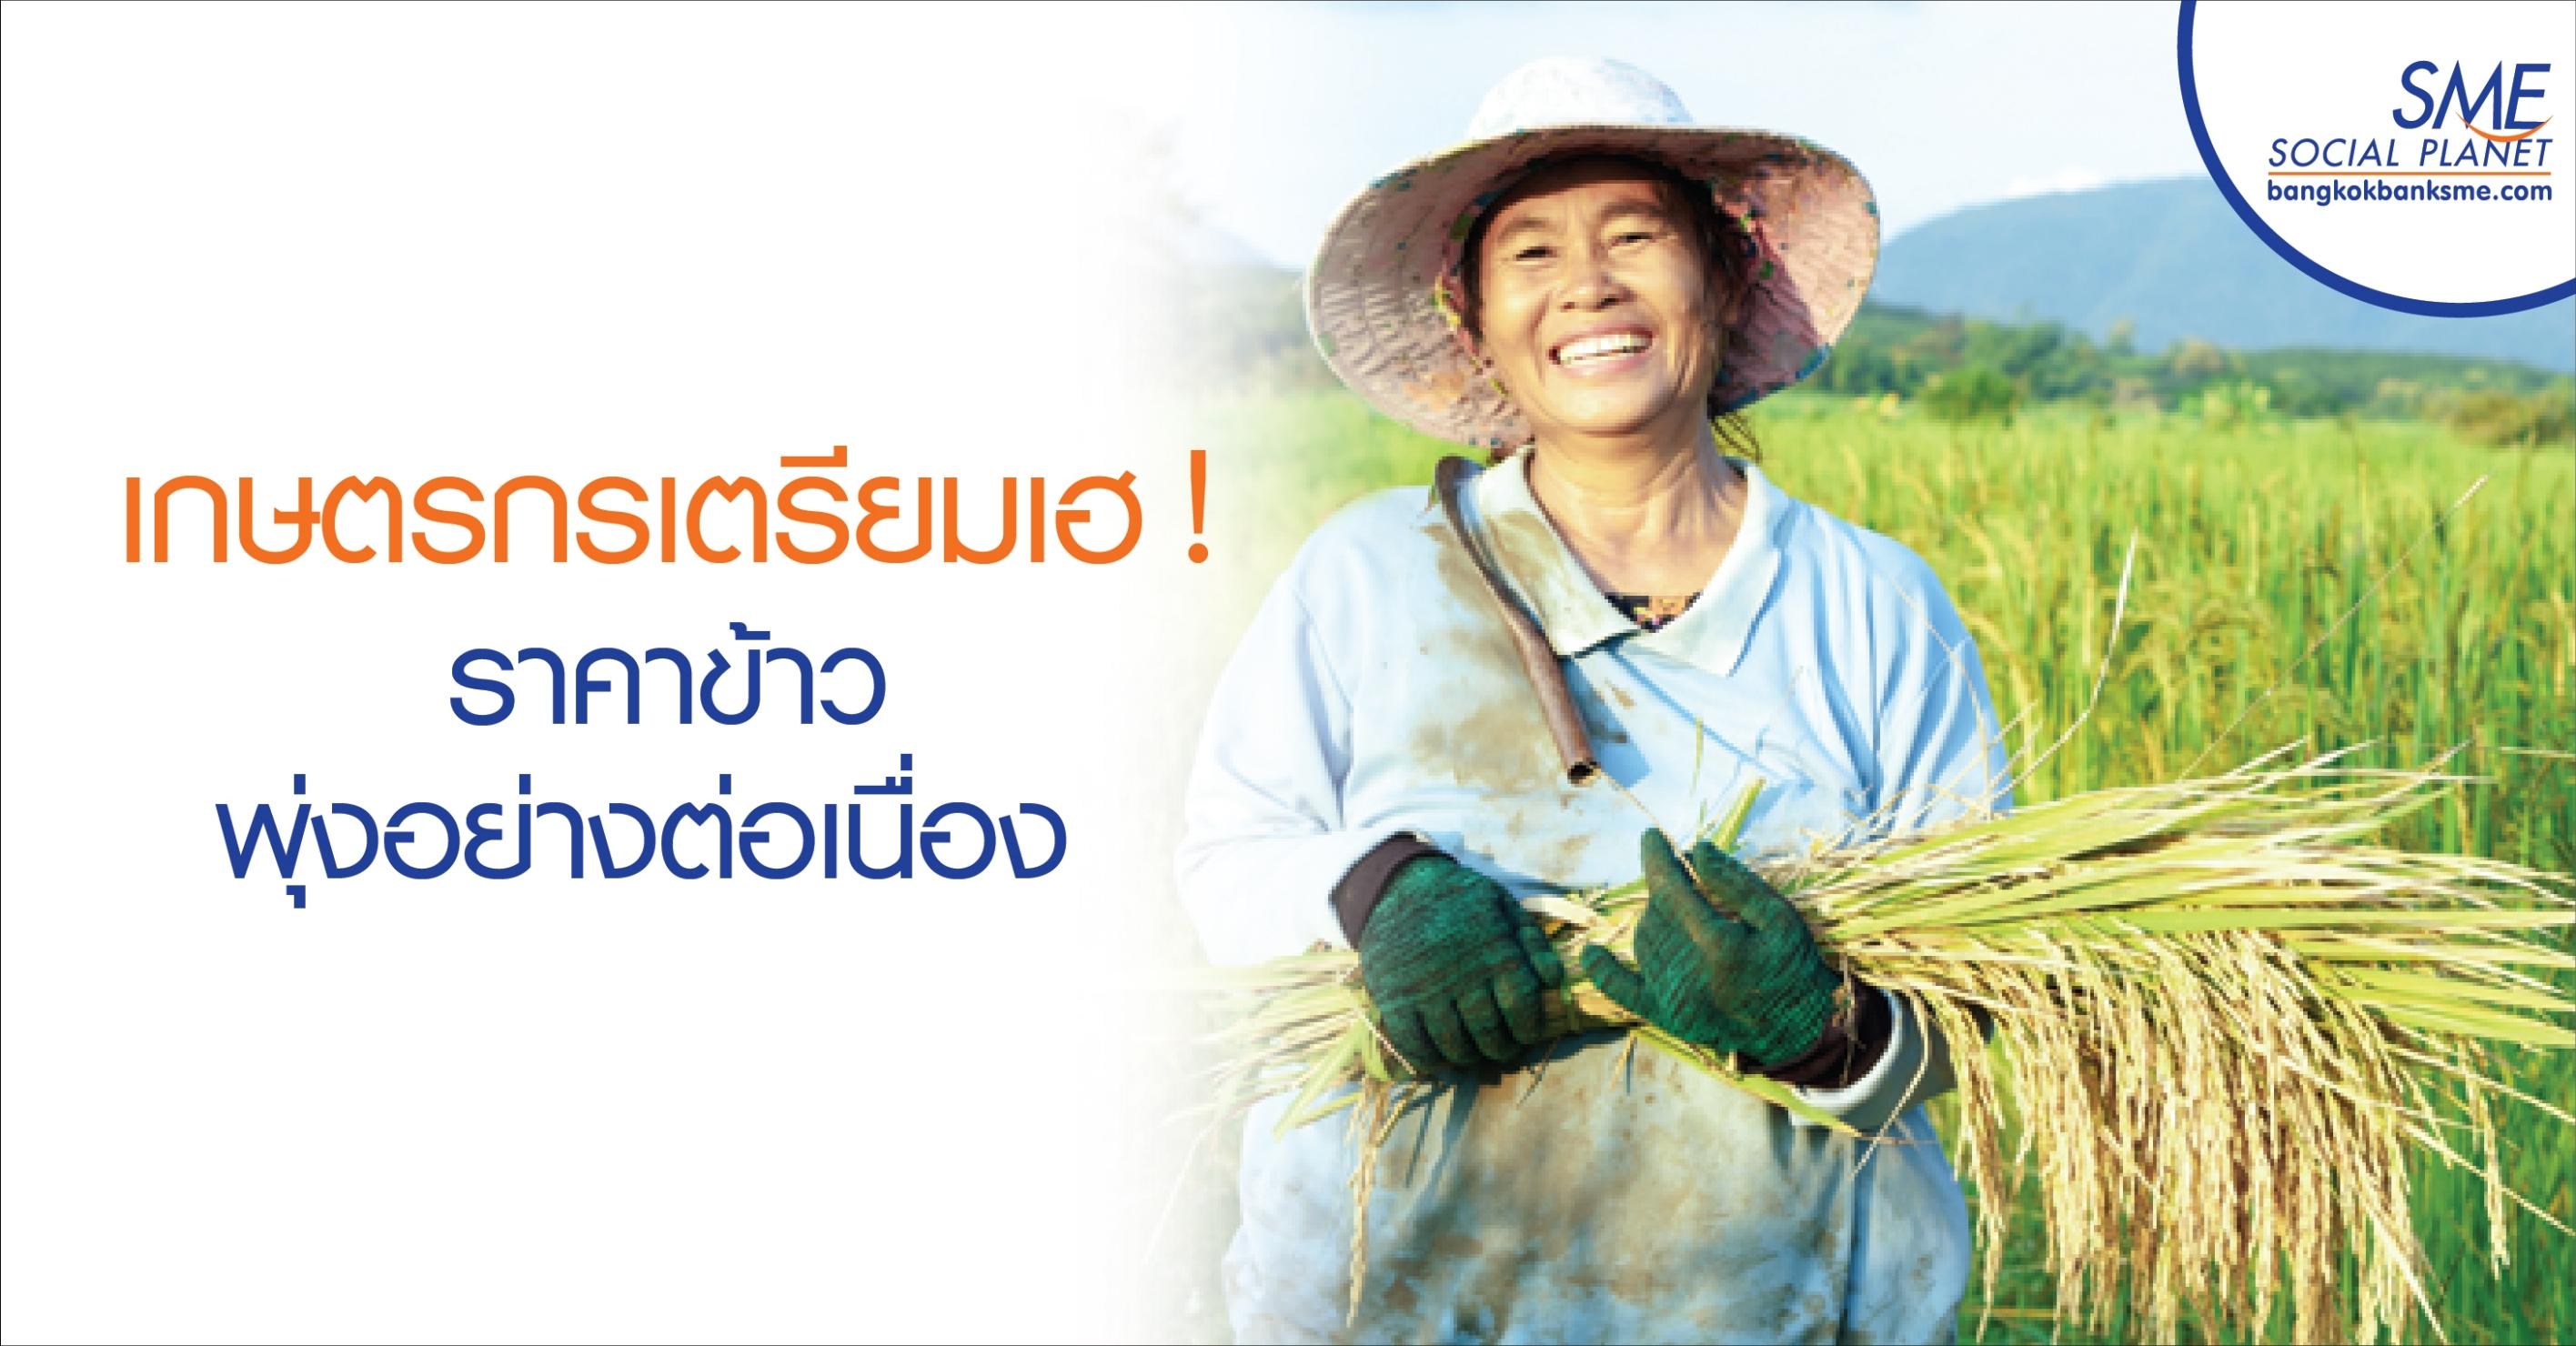 เกษตรกรเตรียมเฮ ! ราคาข้าวพุ่งอย่างต่อเนื่อง